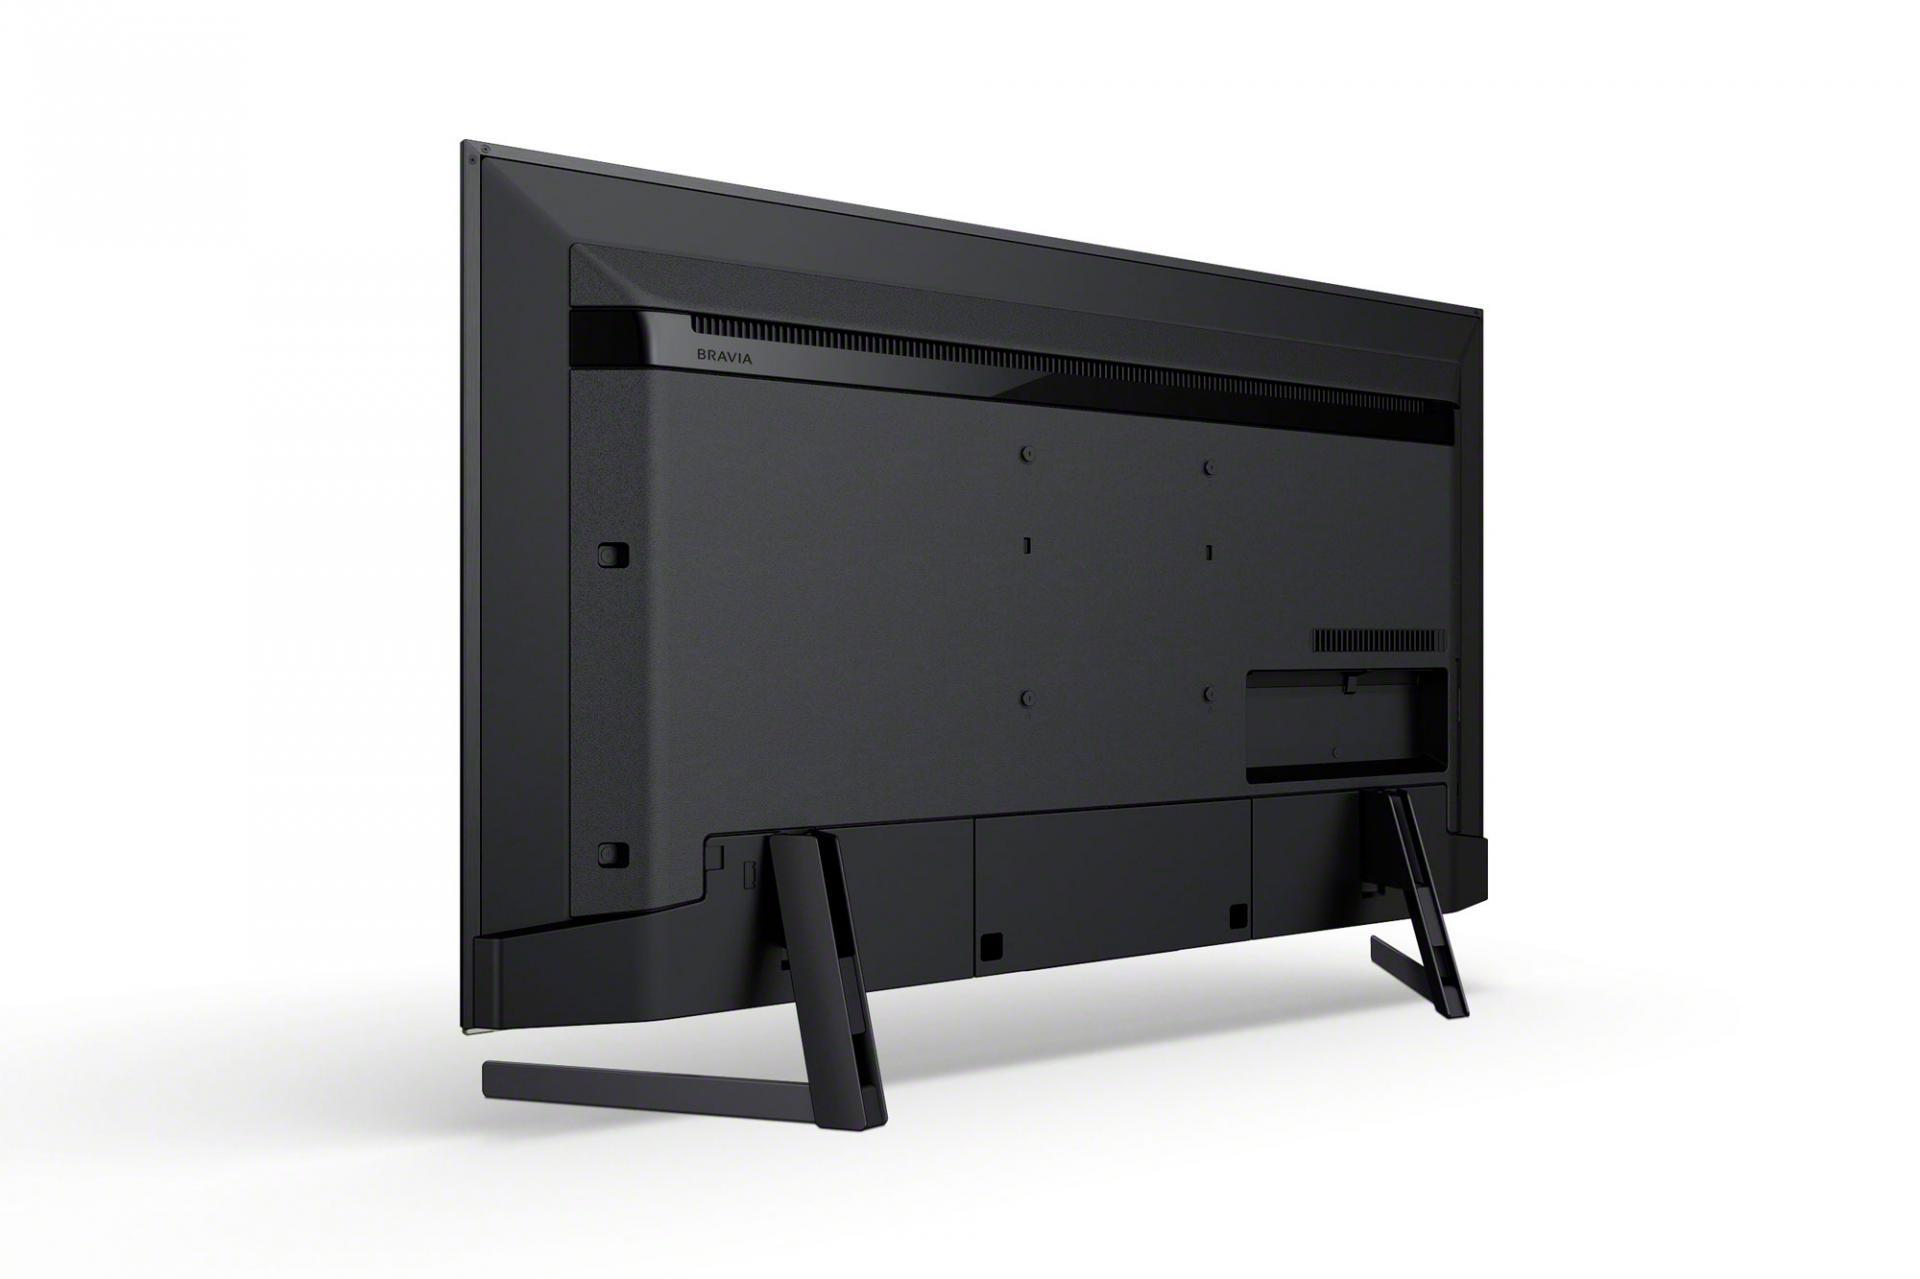 В2020 году Sony представляет новый телевизор сдиагональю более 2 метров